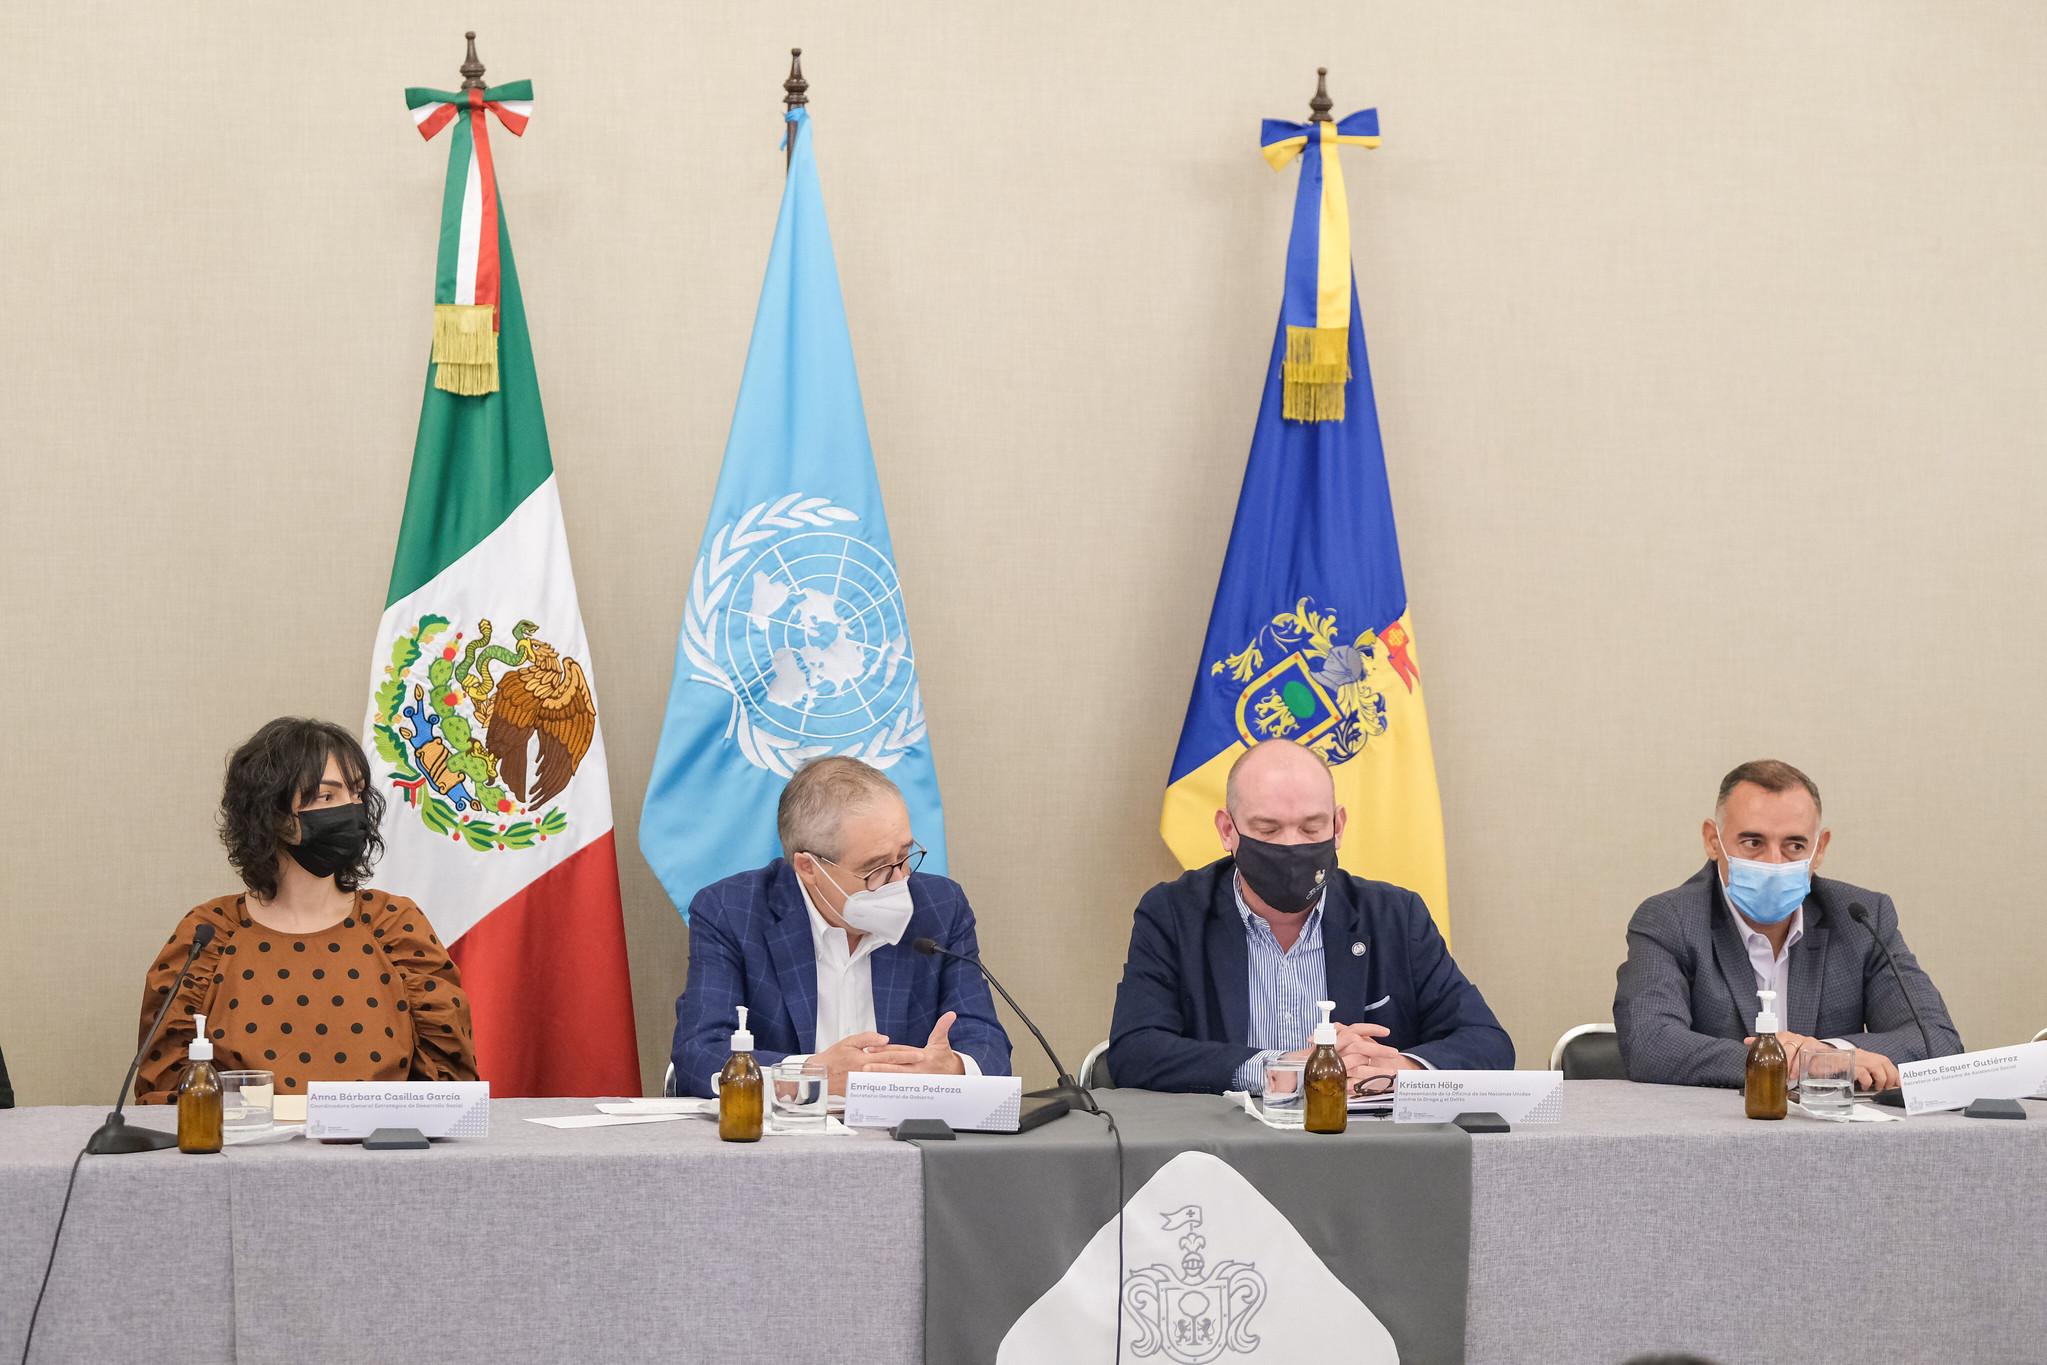 Anuncio de la implementación en Jalisco del Programa Construyendo Familias de la UNODC.